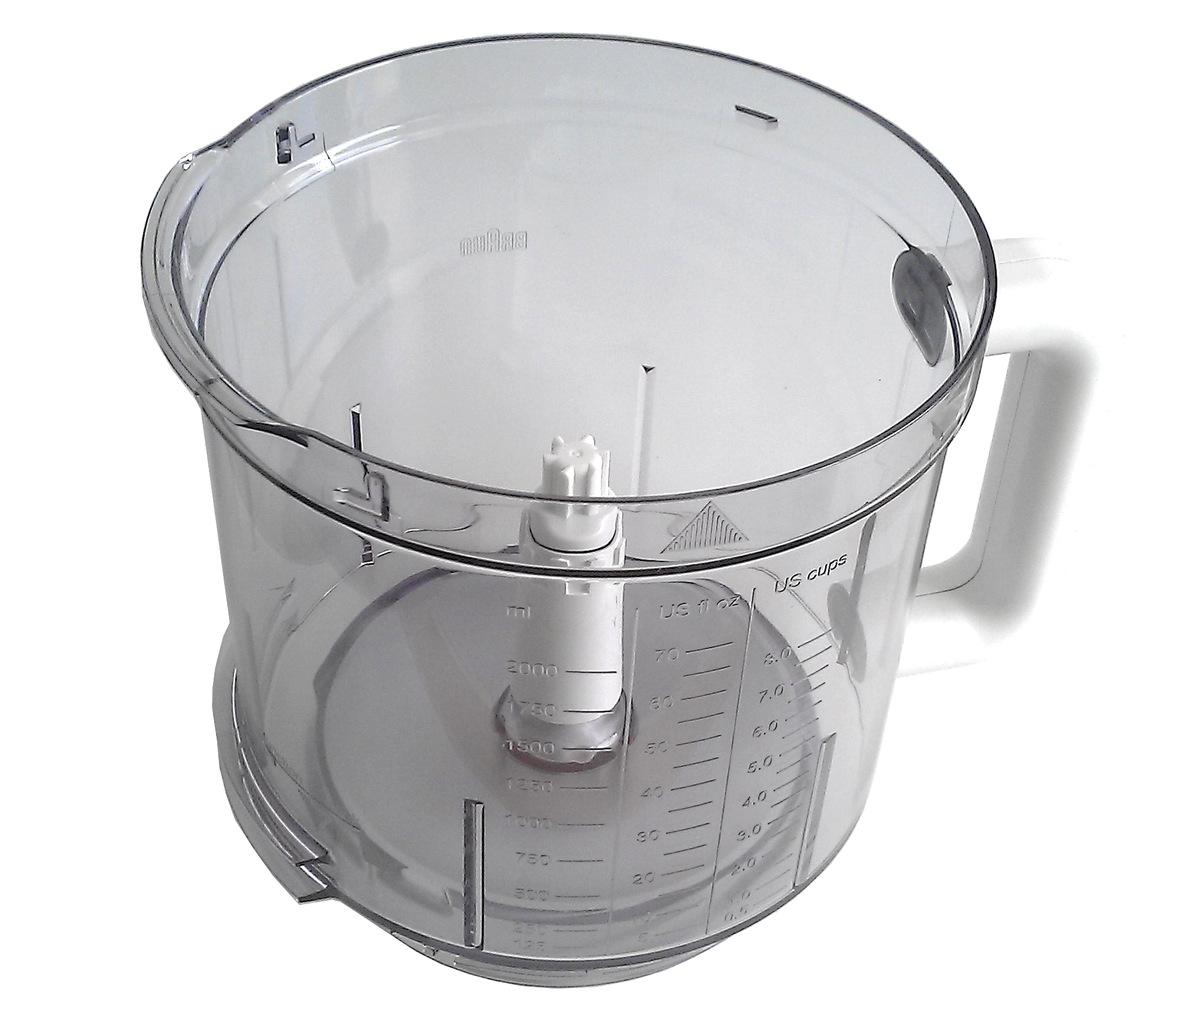 Чаша Основная Для Кухонного Комбайна Braun CombiMax K600, K650, K700, K750, CH600, SJ600, PJ600, CW600.